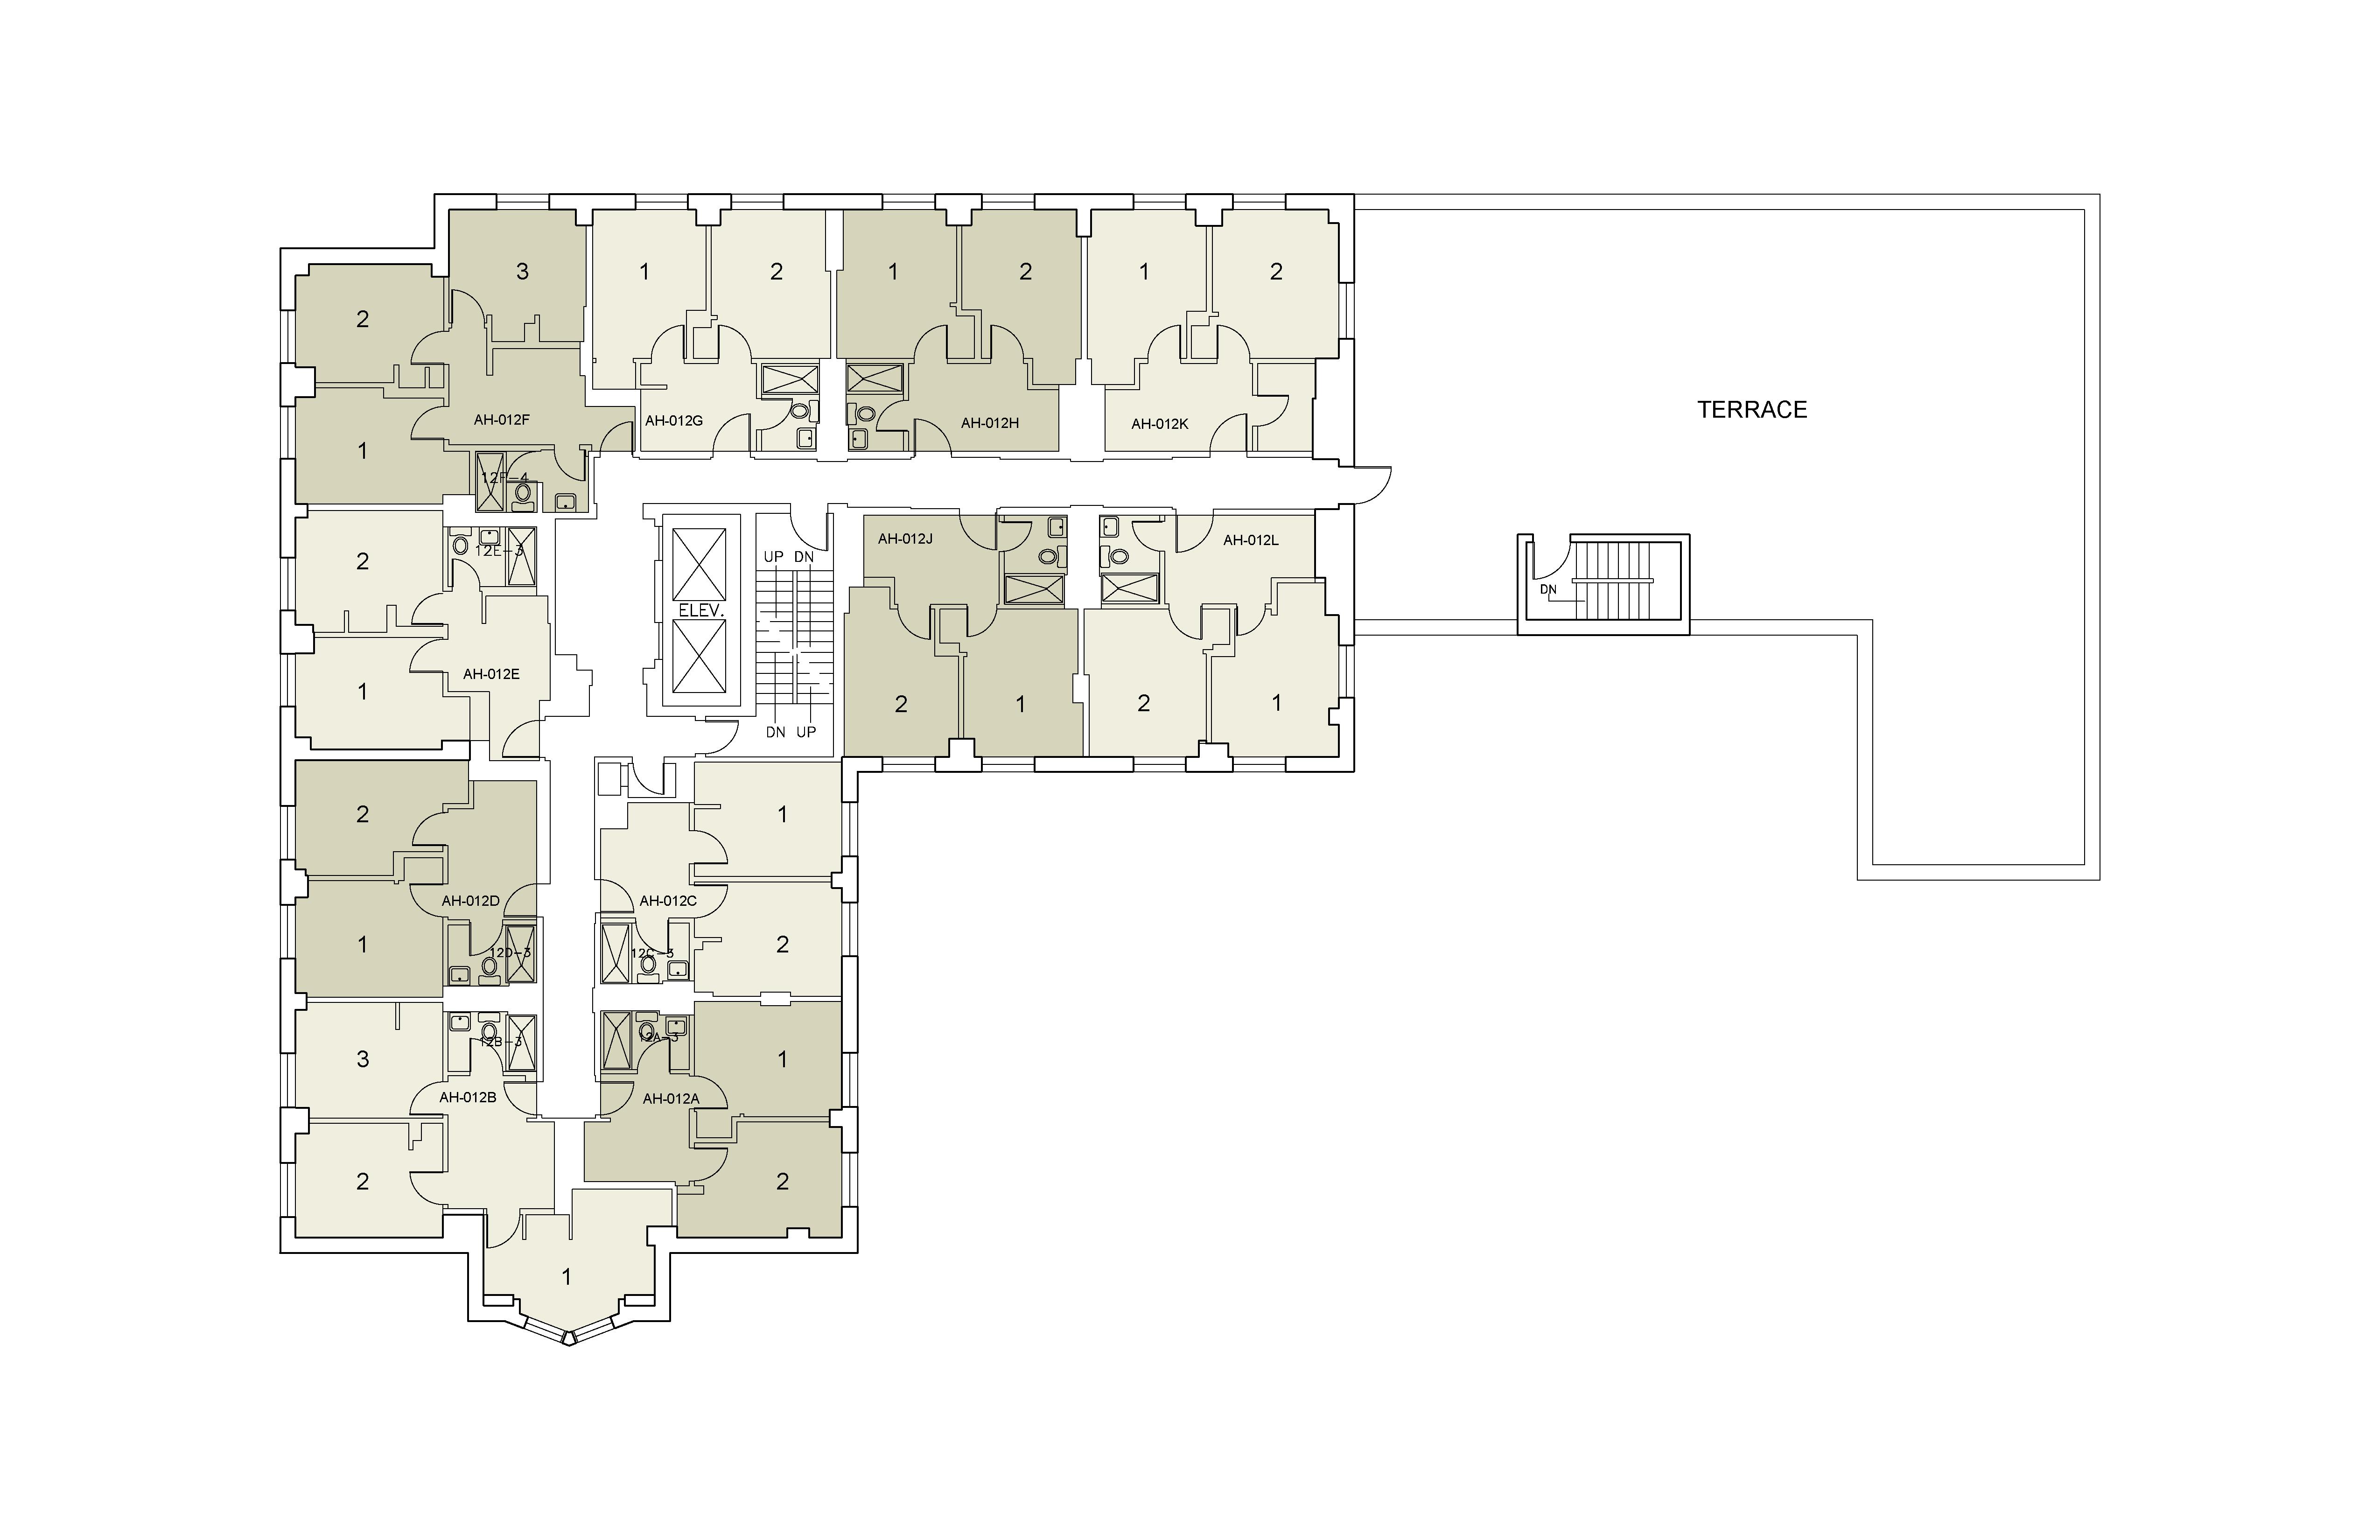 Floor plan for Alumni Floor 12